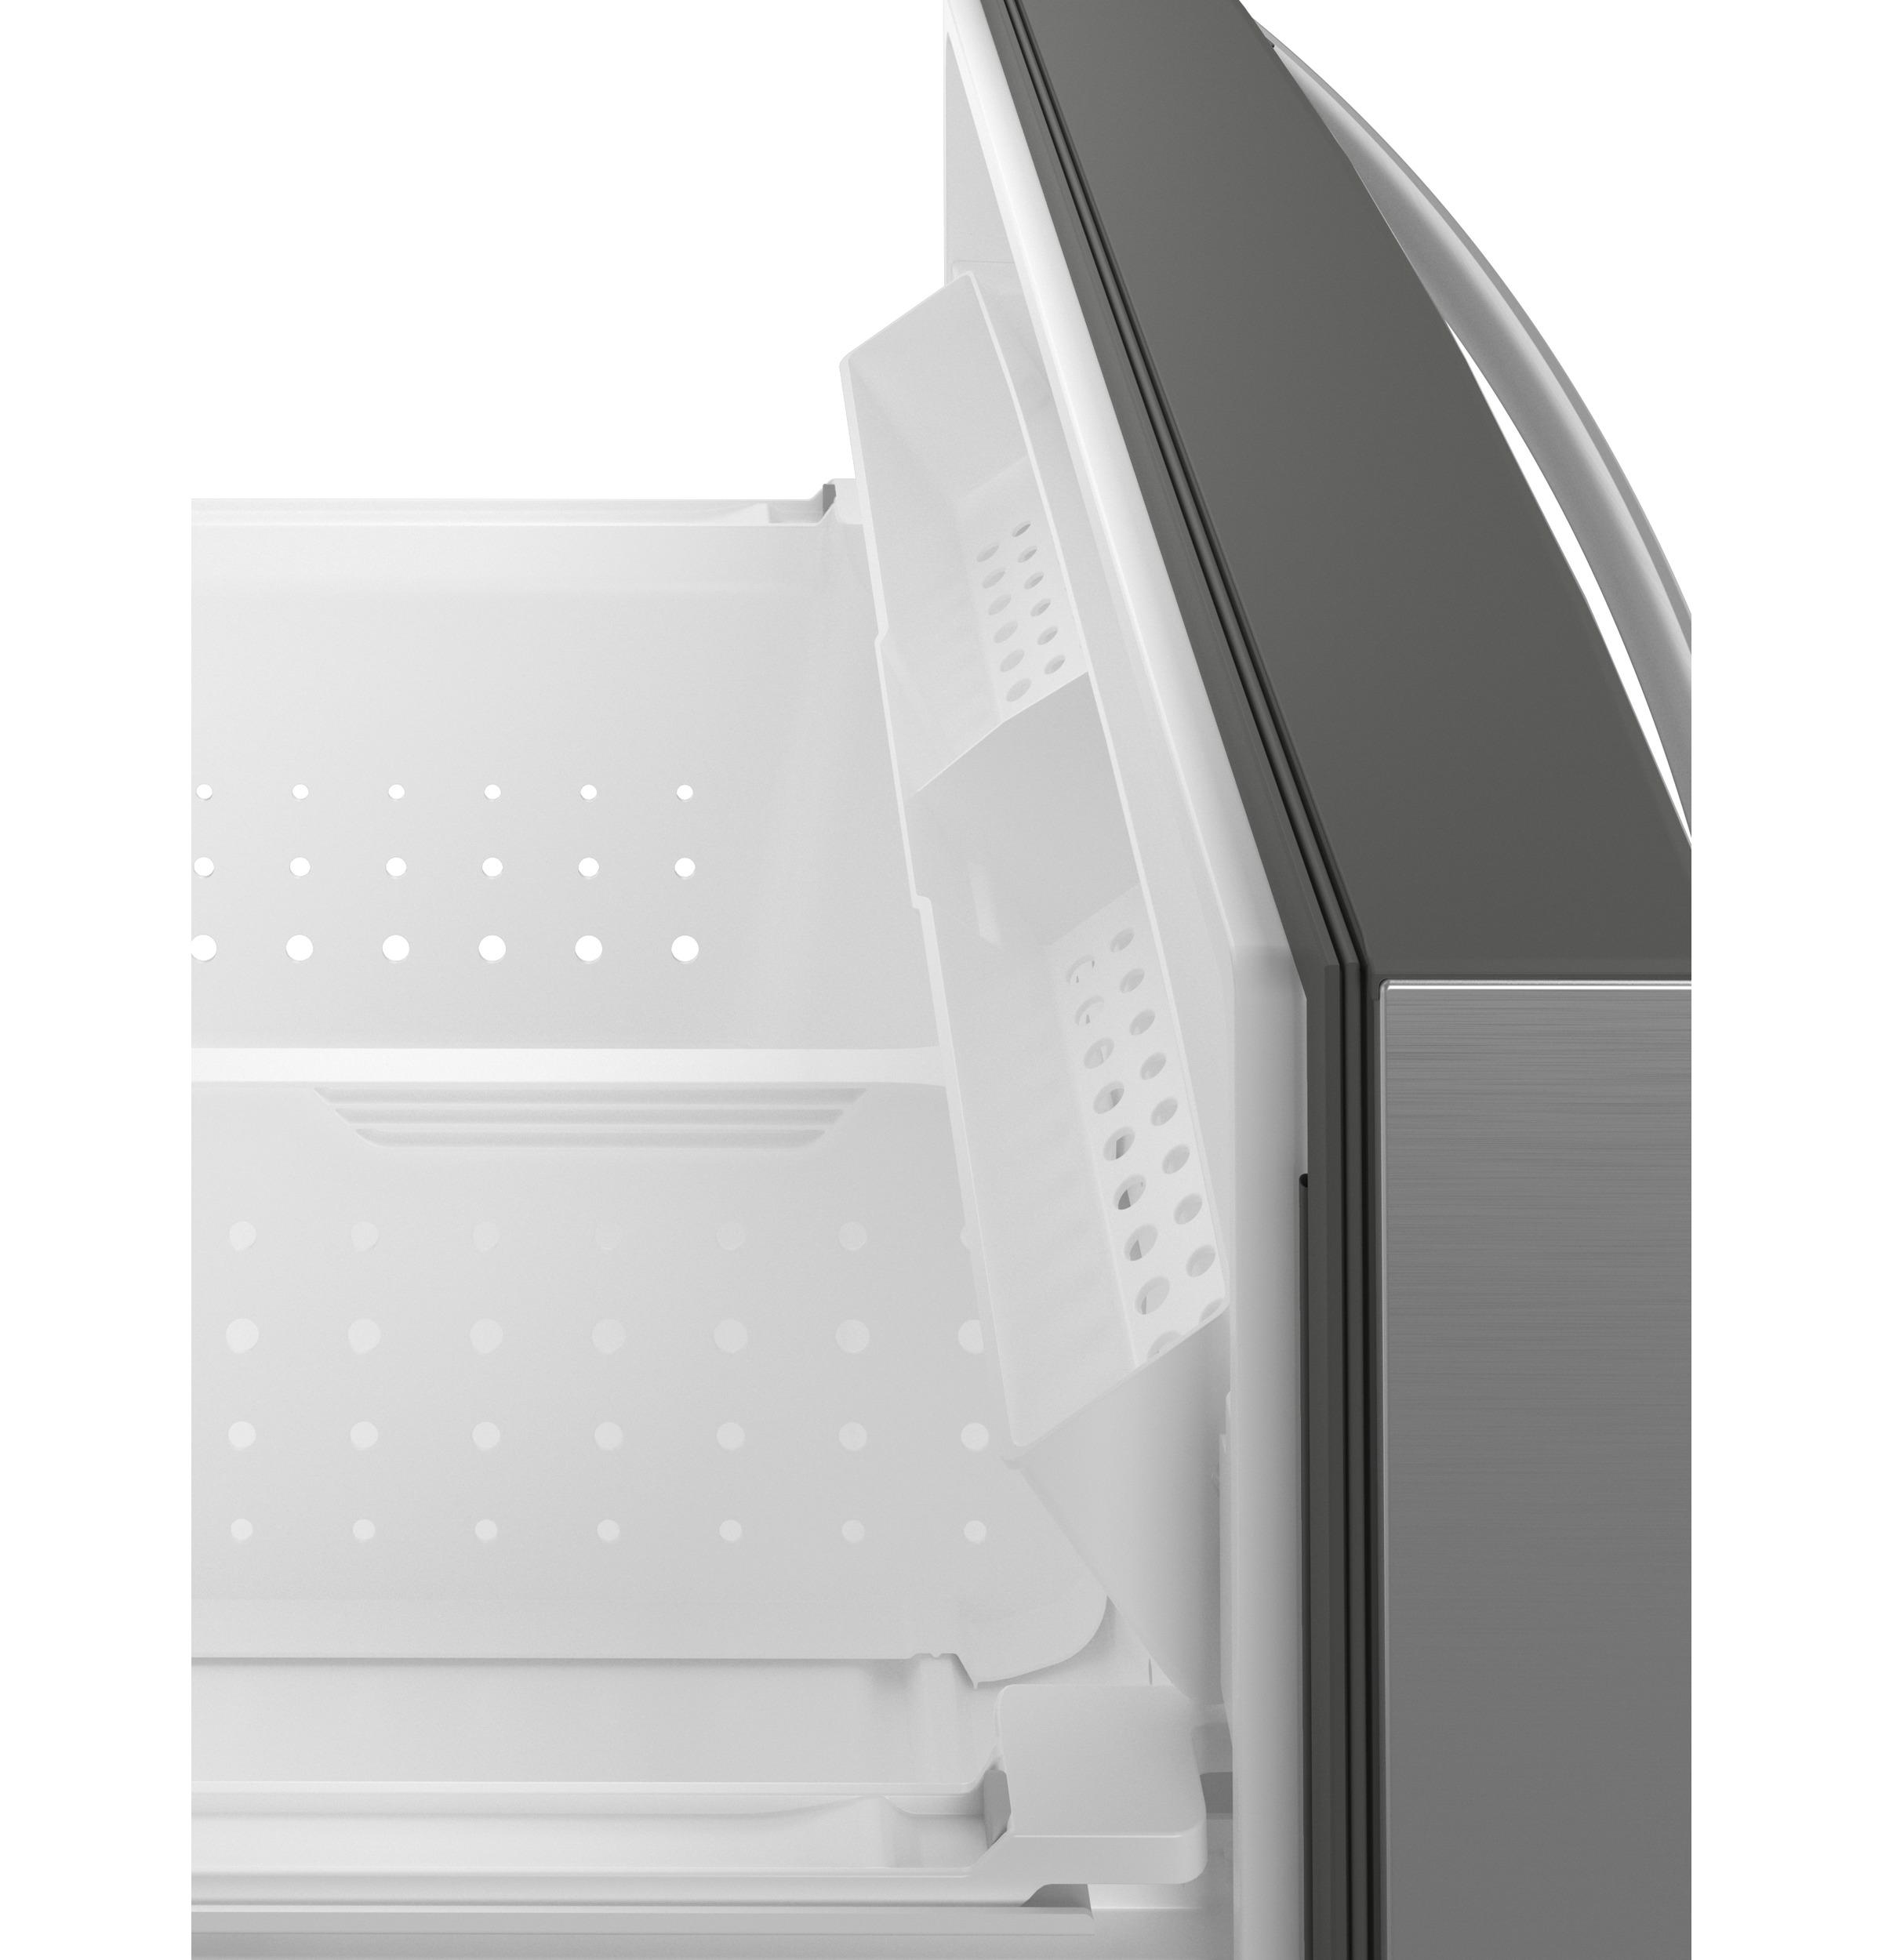 Model: PVD28BYNFS | GE Profile GE Profile™ 27.9 Cu. Ft. Smart Fingerprint Resistant 4-Door French-Door Refrigerator with Door In Door